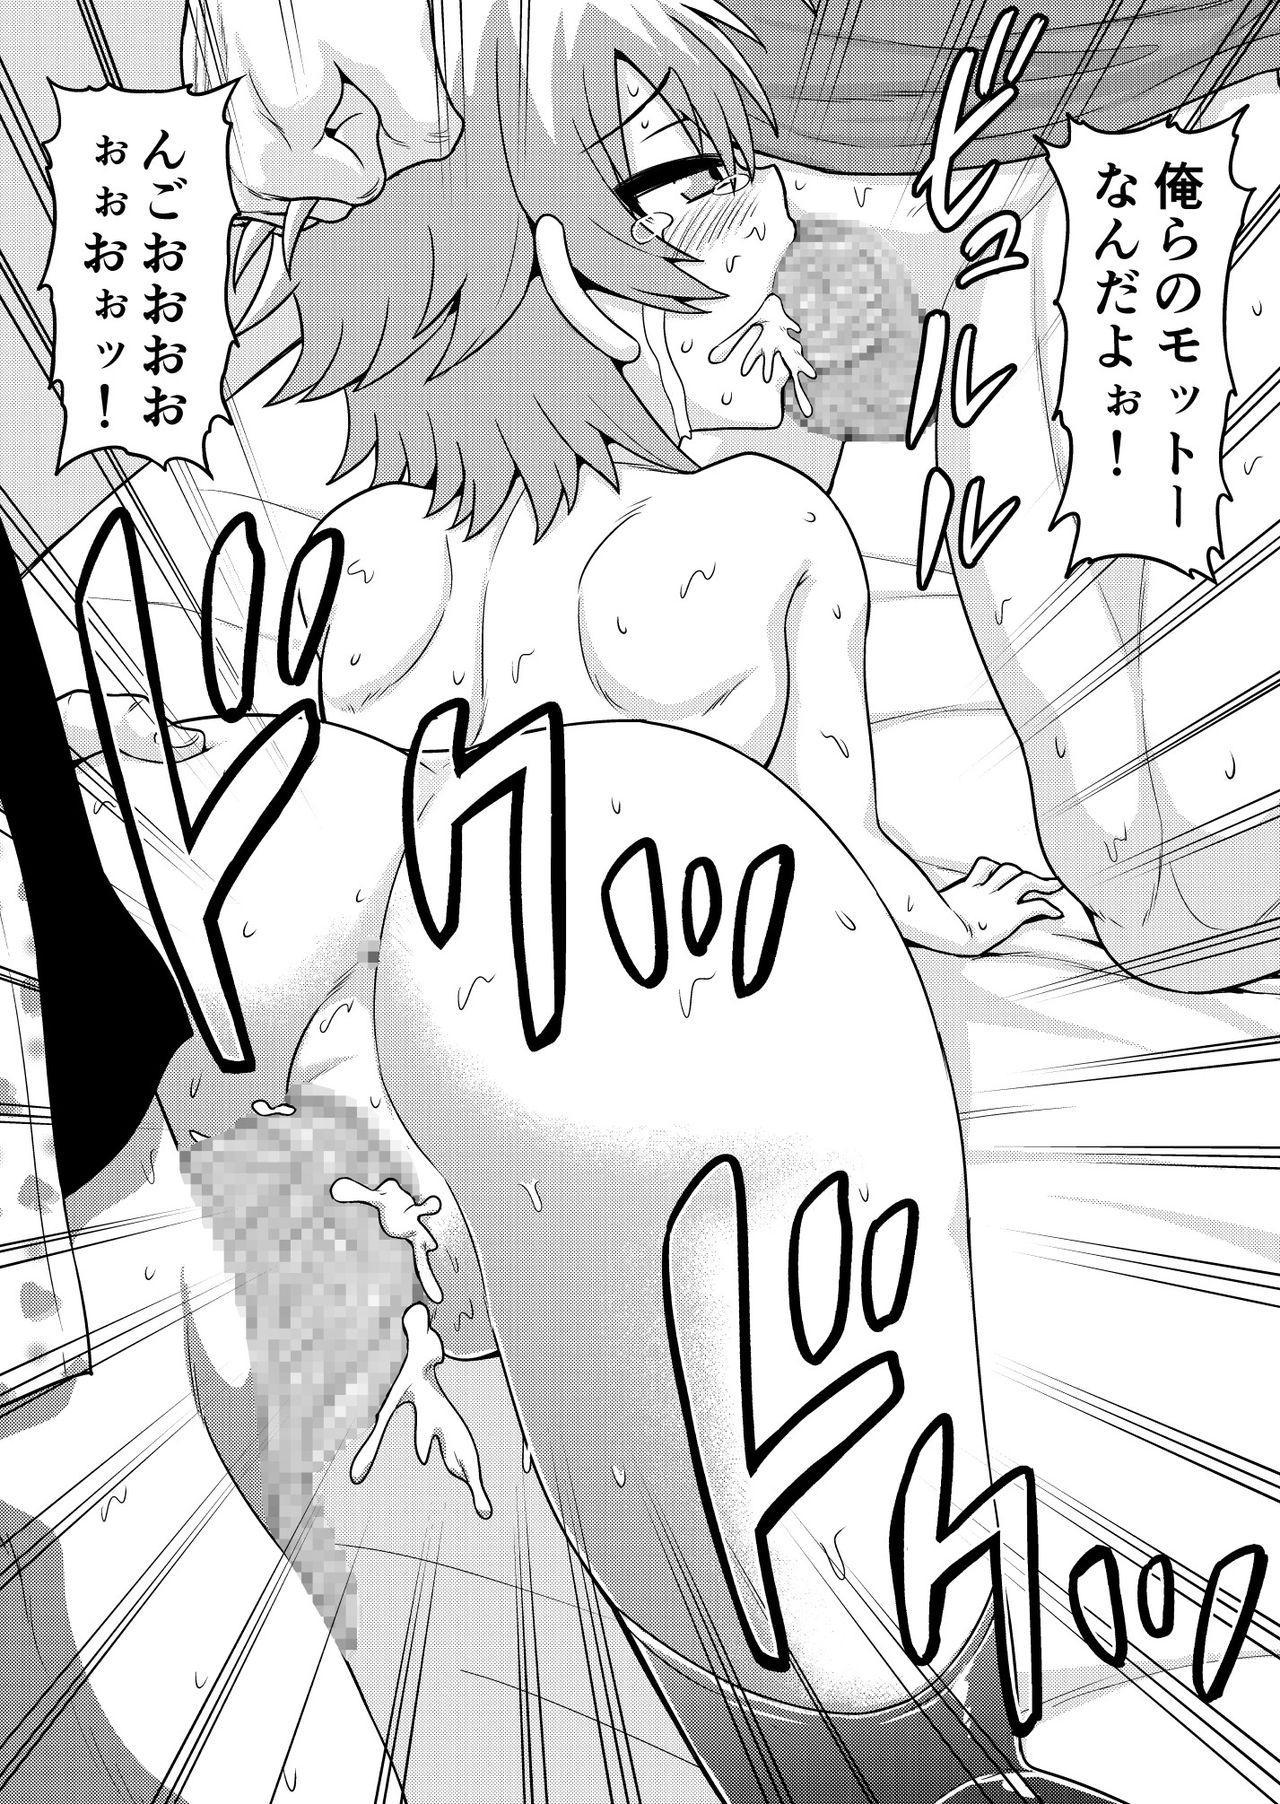 Muryou Esthe to Shoushita Otoko-tachi ni Sadayo ga Namahame Sareru Manga 31